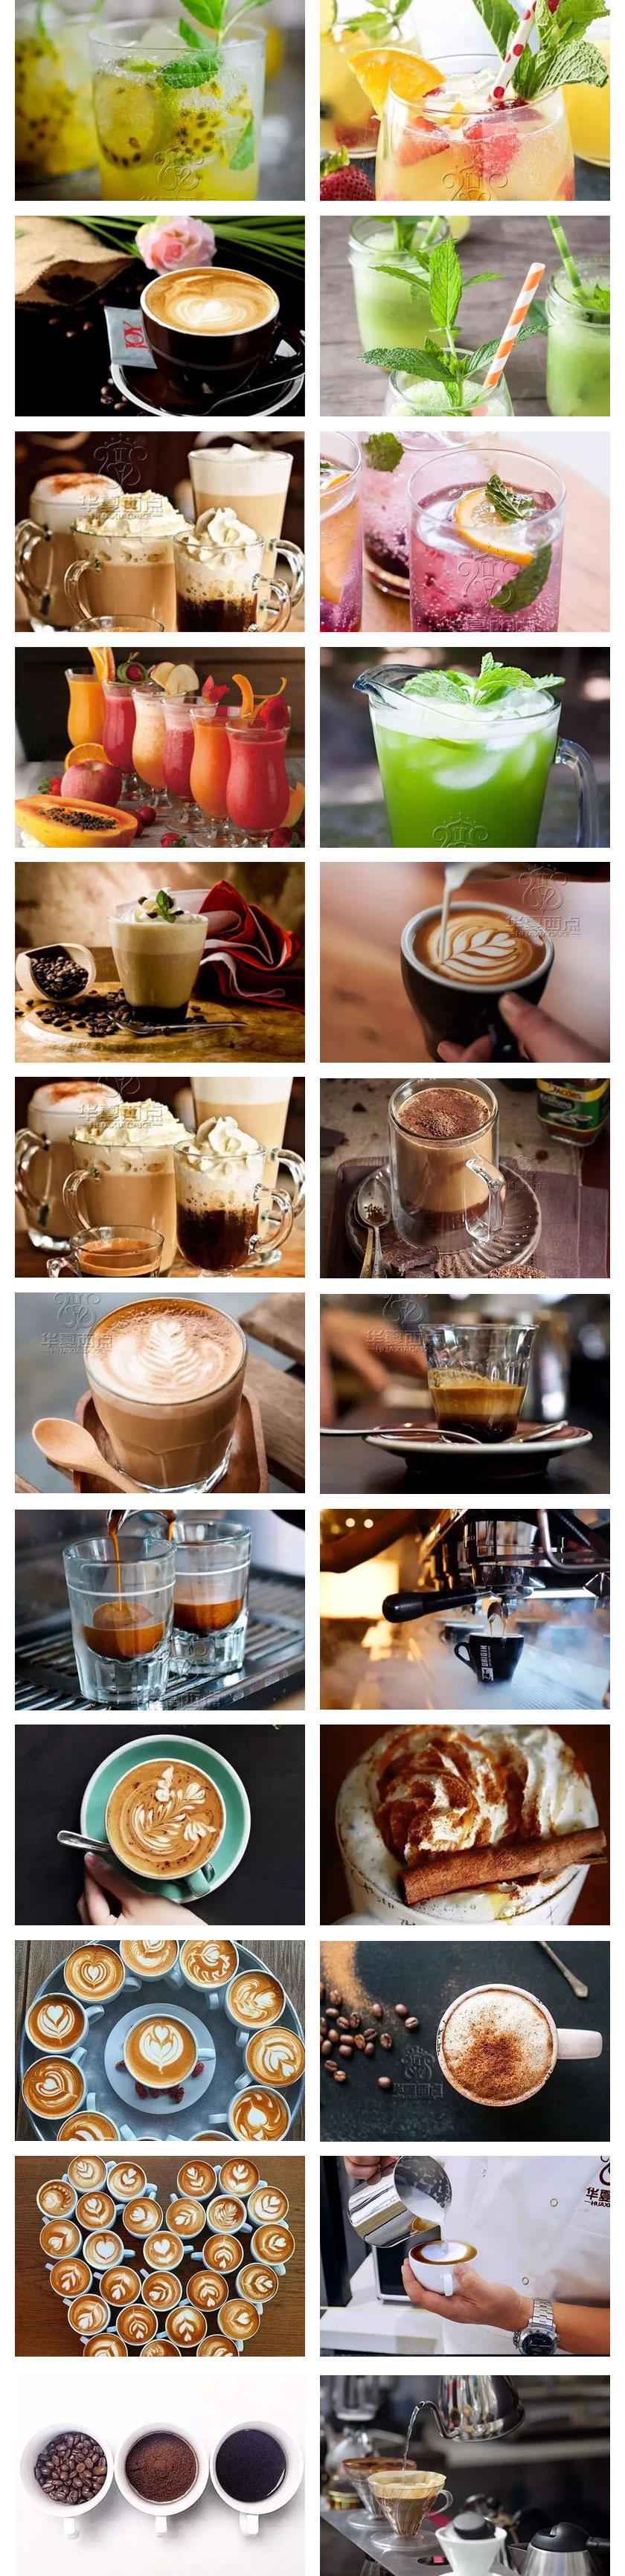 锦州咖啡饮品培训学校